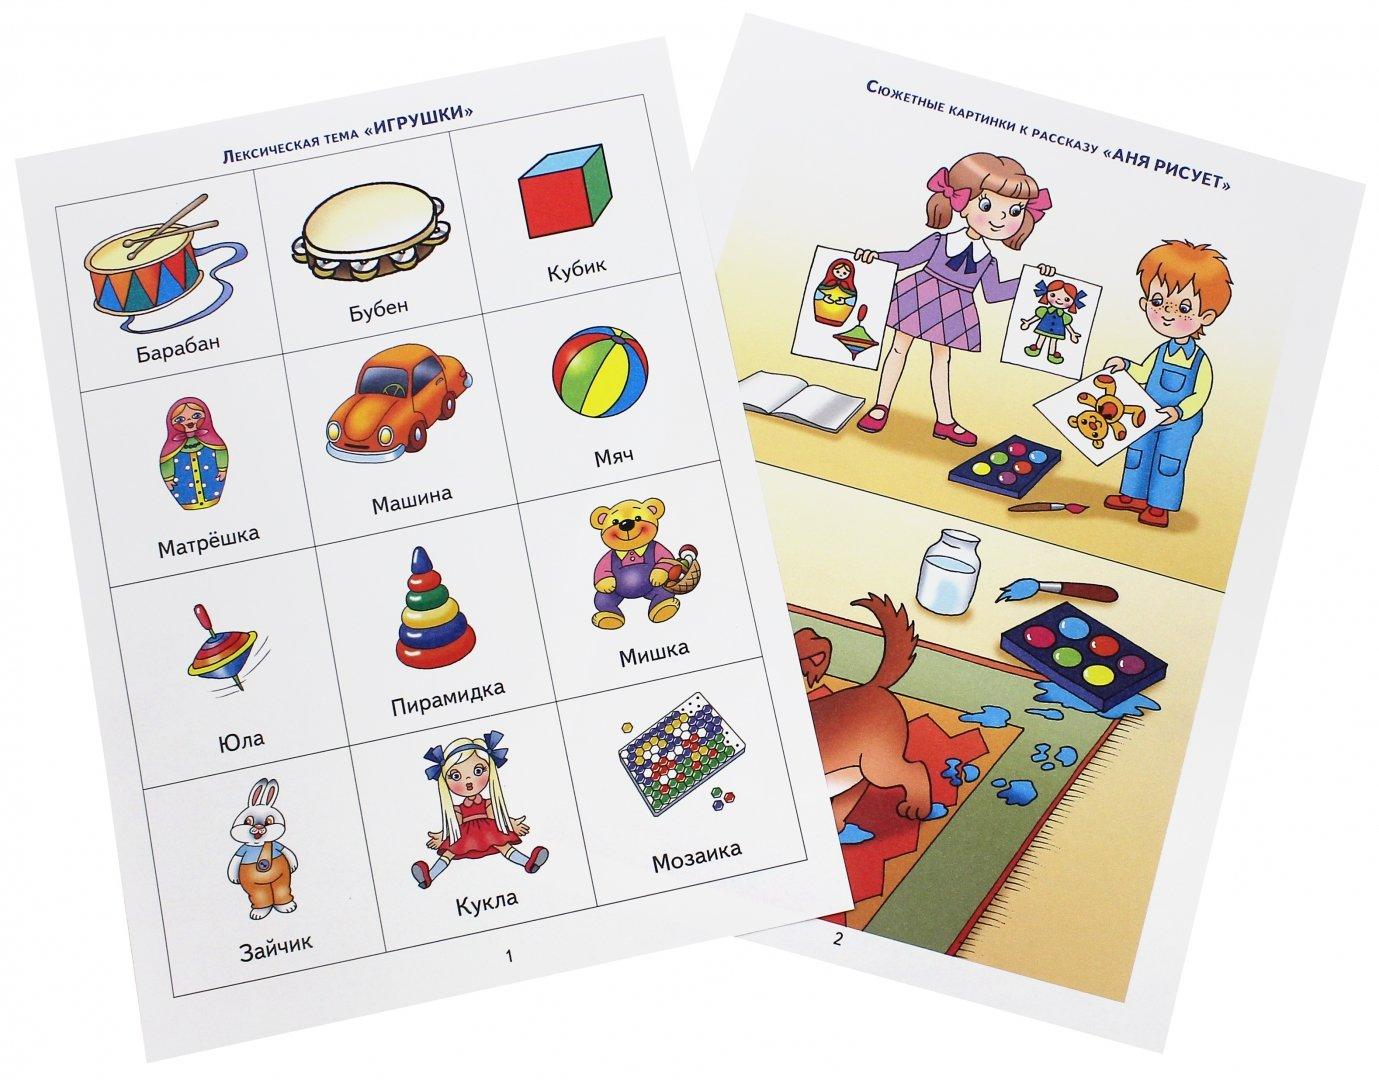 Иллюстрация 1 из 5 для Лексика, грамматика, связная речь. Методическое пособие с иллюстрациями по развитию речи - Куцина, Созонова | Лабиринт - книги. Источник: Лабиринт